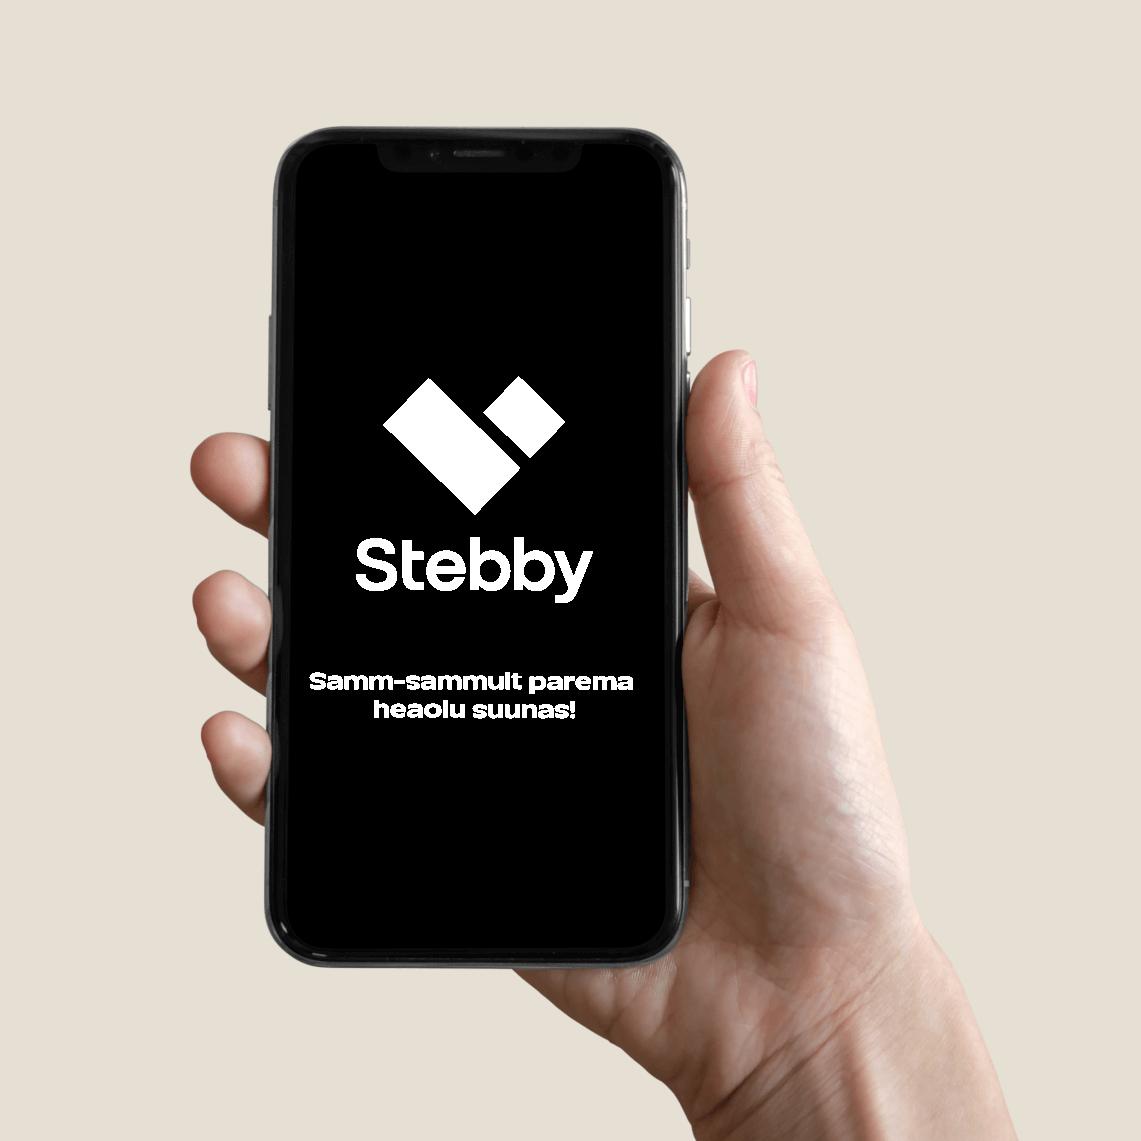 Tõmba Stebby äpp